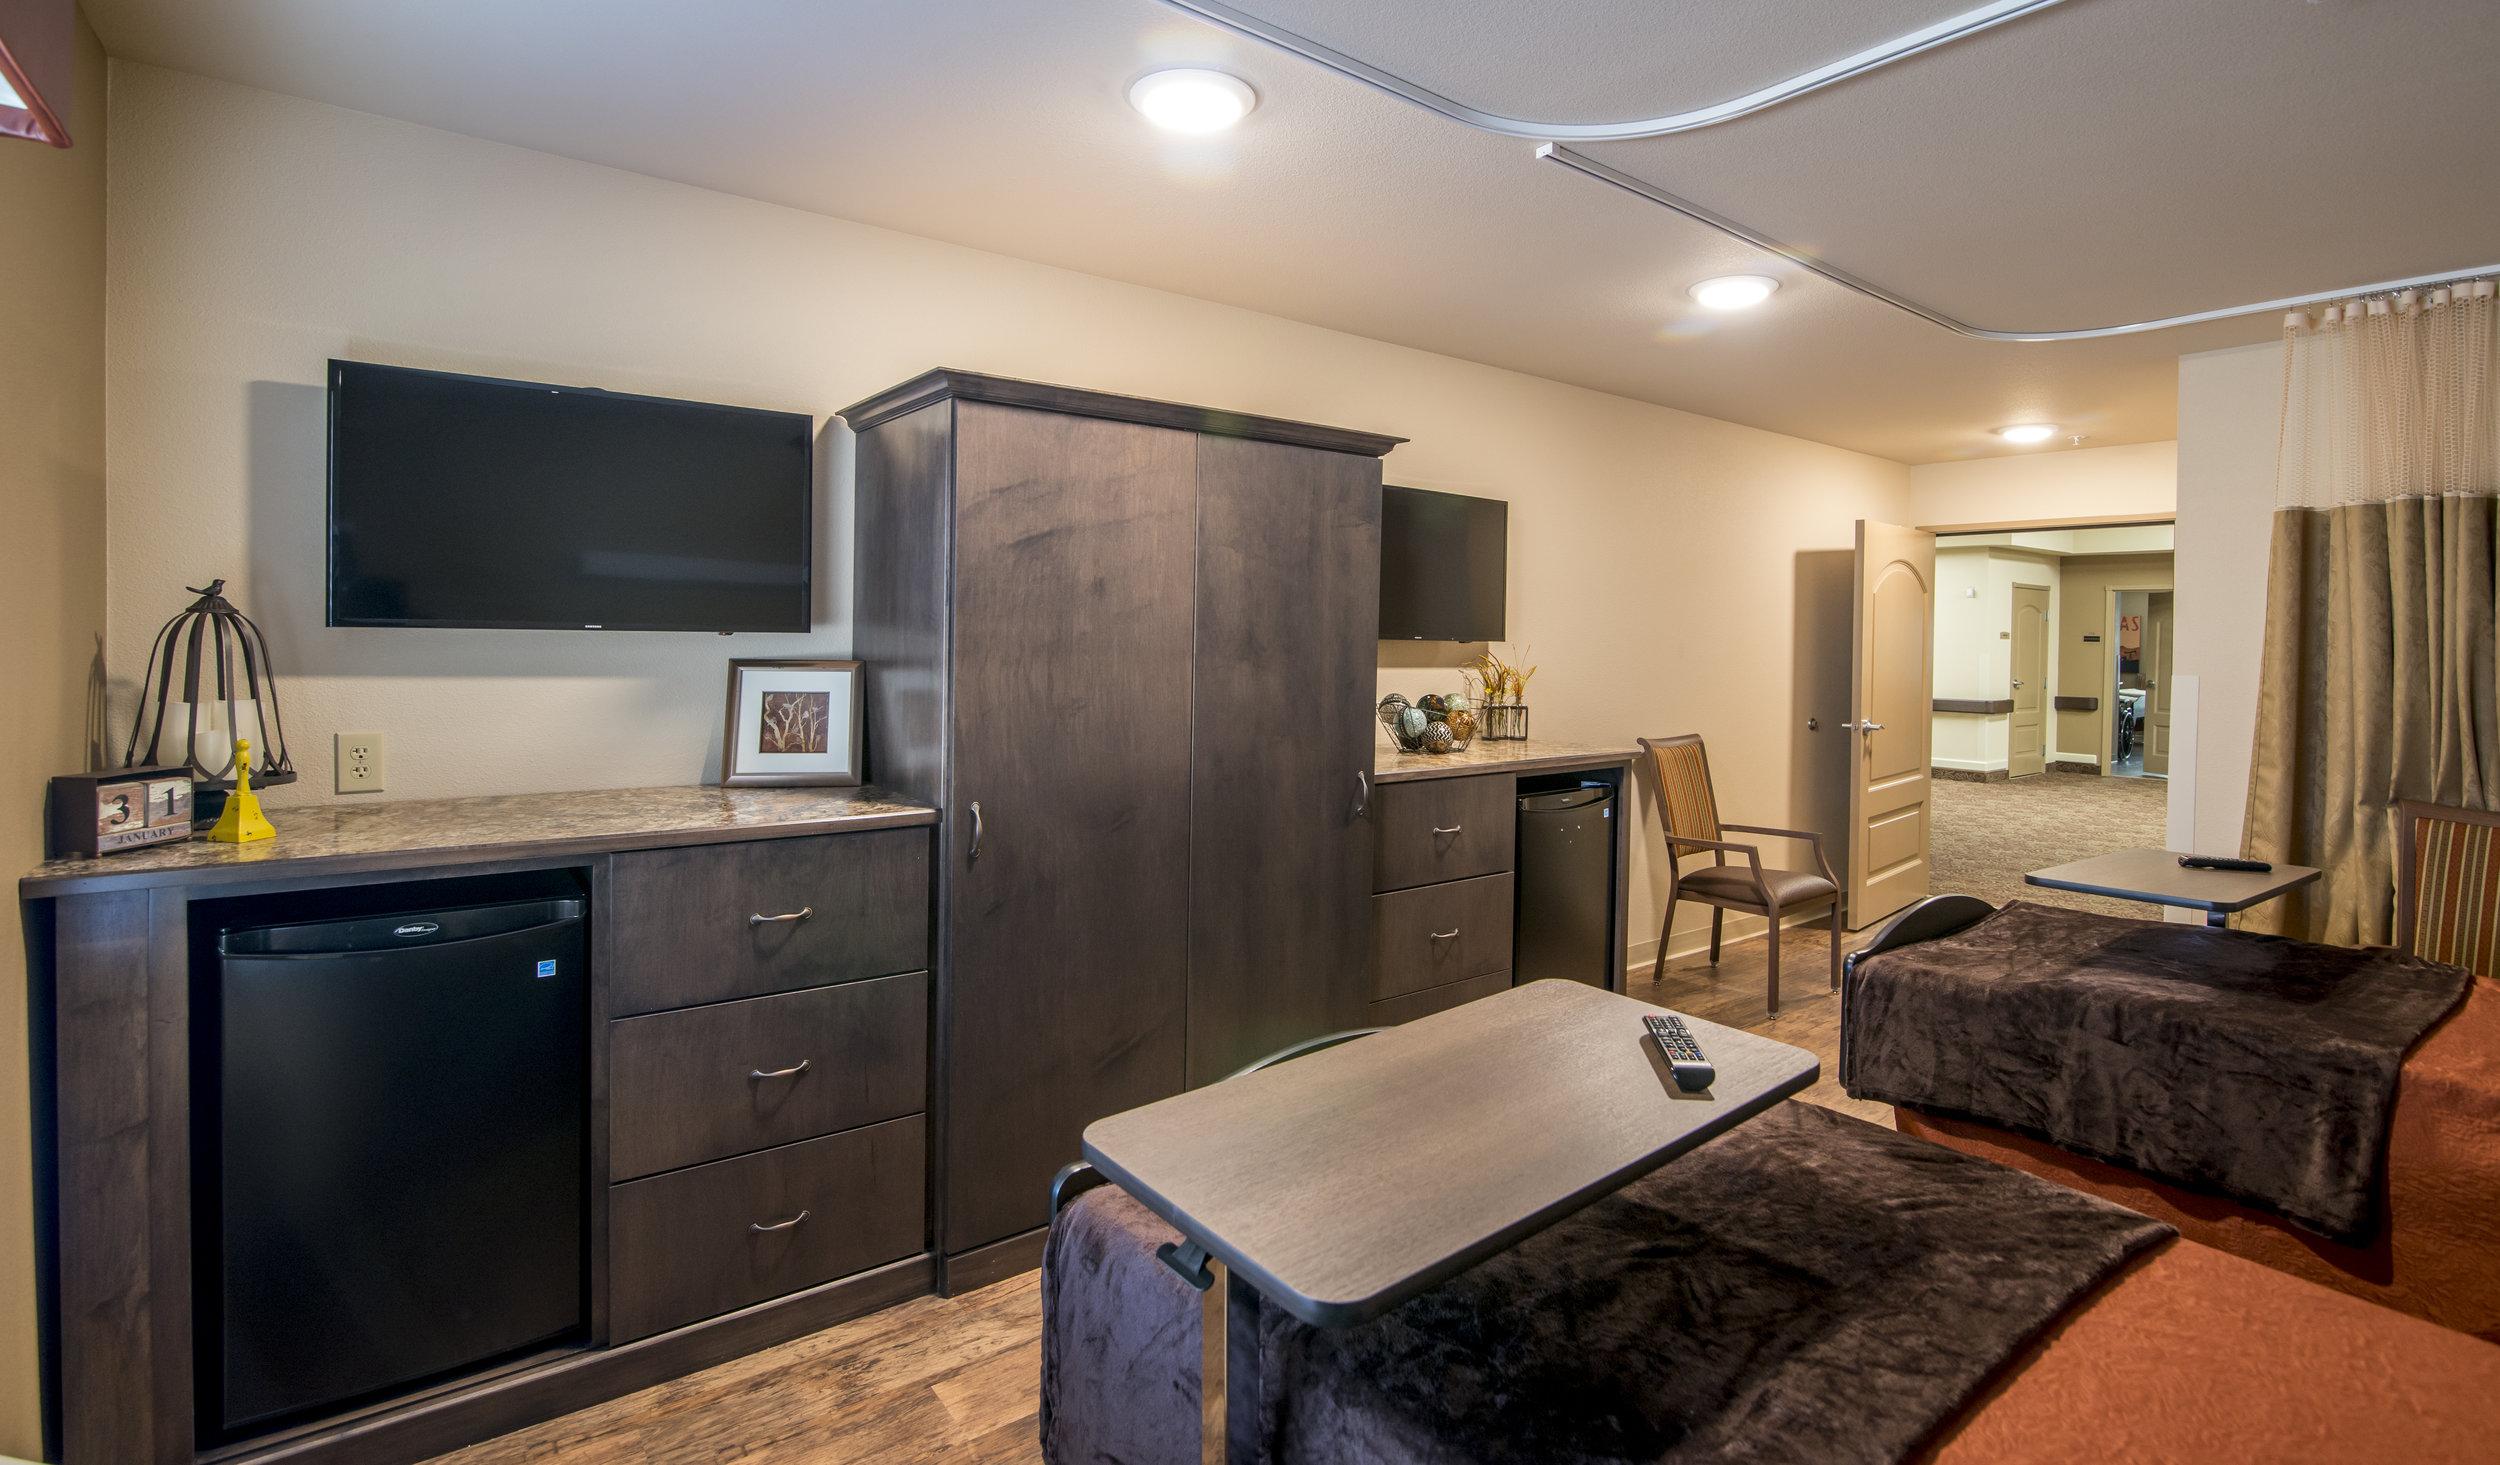 short-term-rehab-room-nursing-home-wichita-falls-texas-sheridan-medical-lodge.jpg